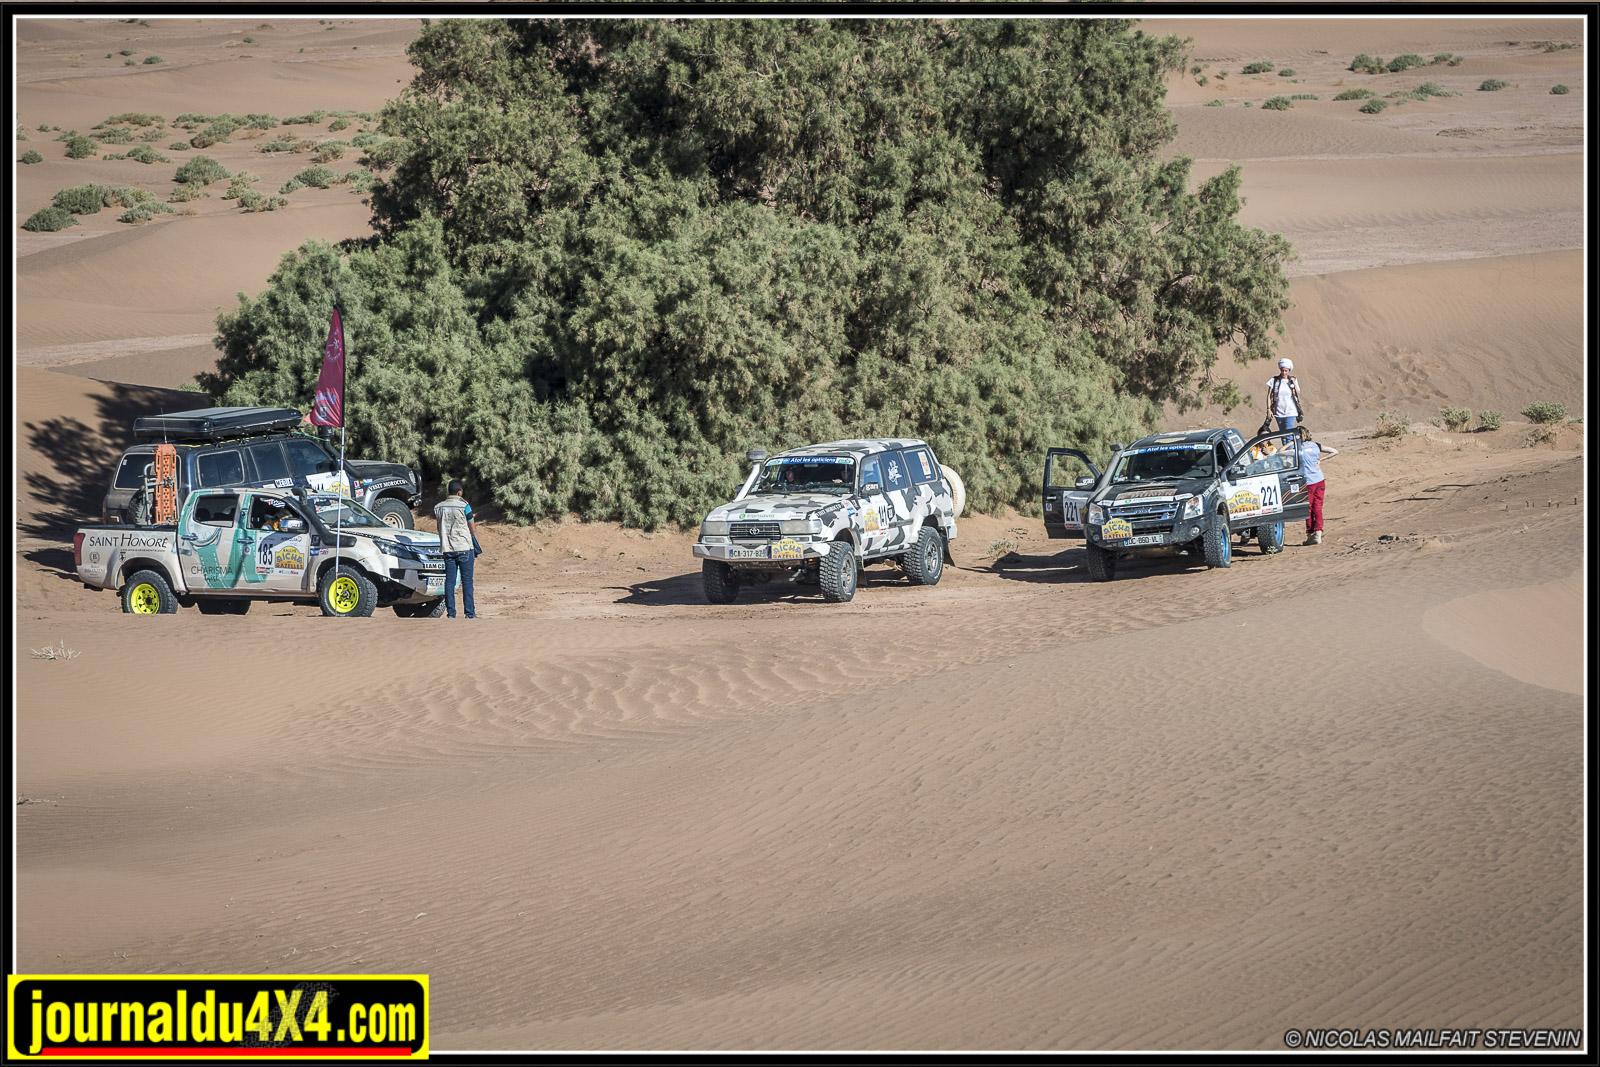 rallye-aicha-gazelles-maroc-2017-7089.jpg